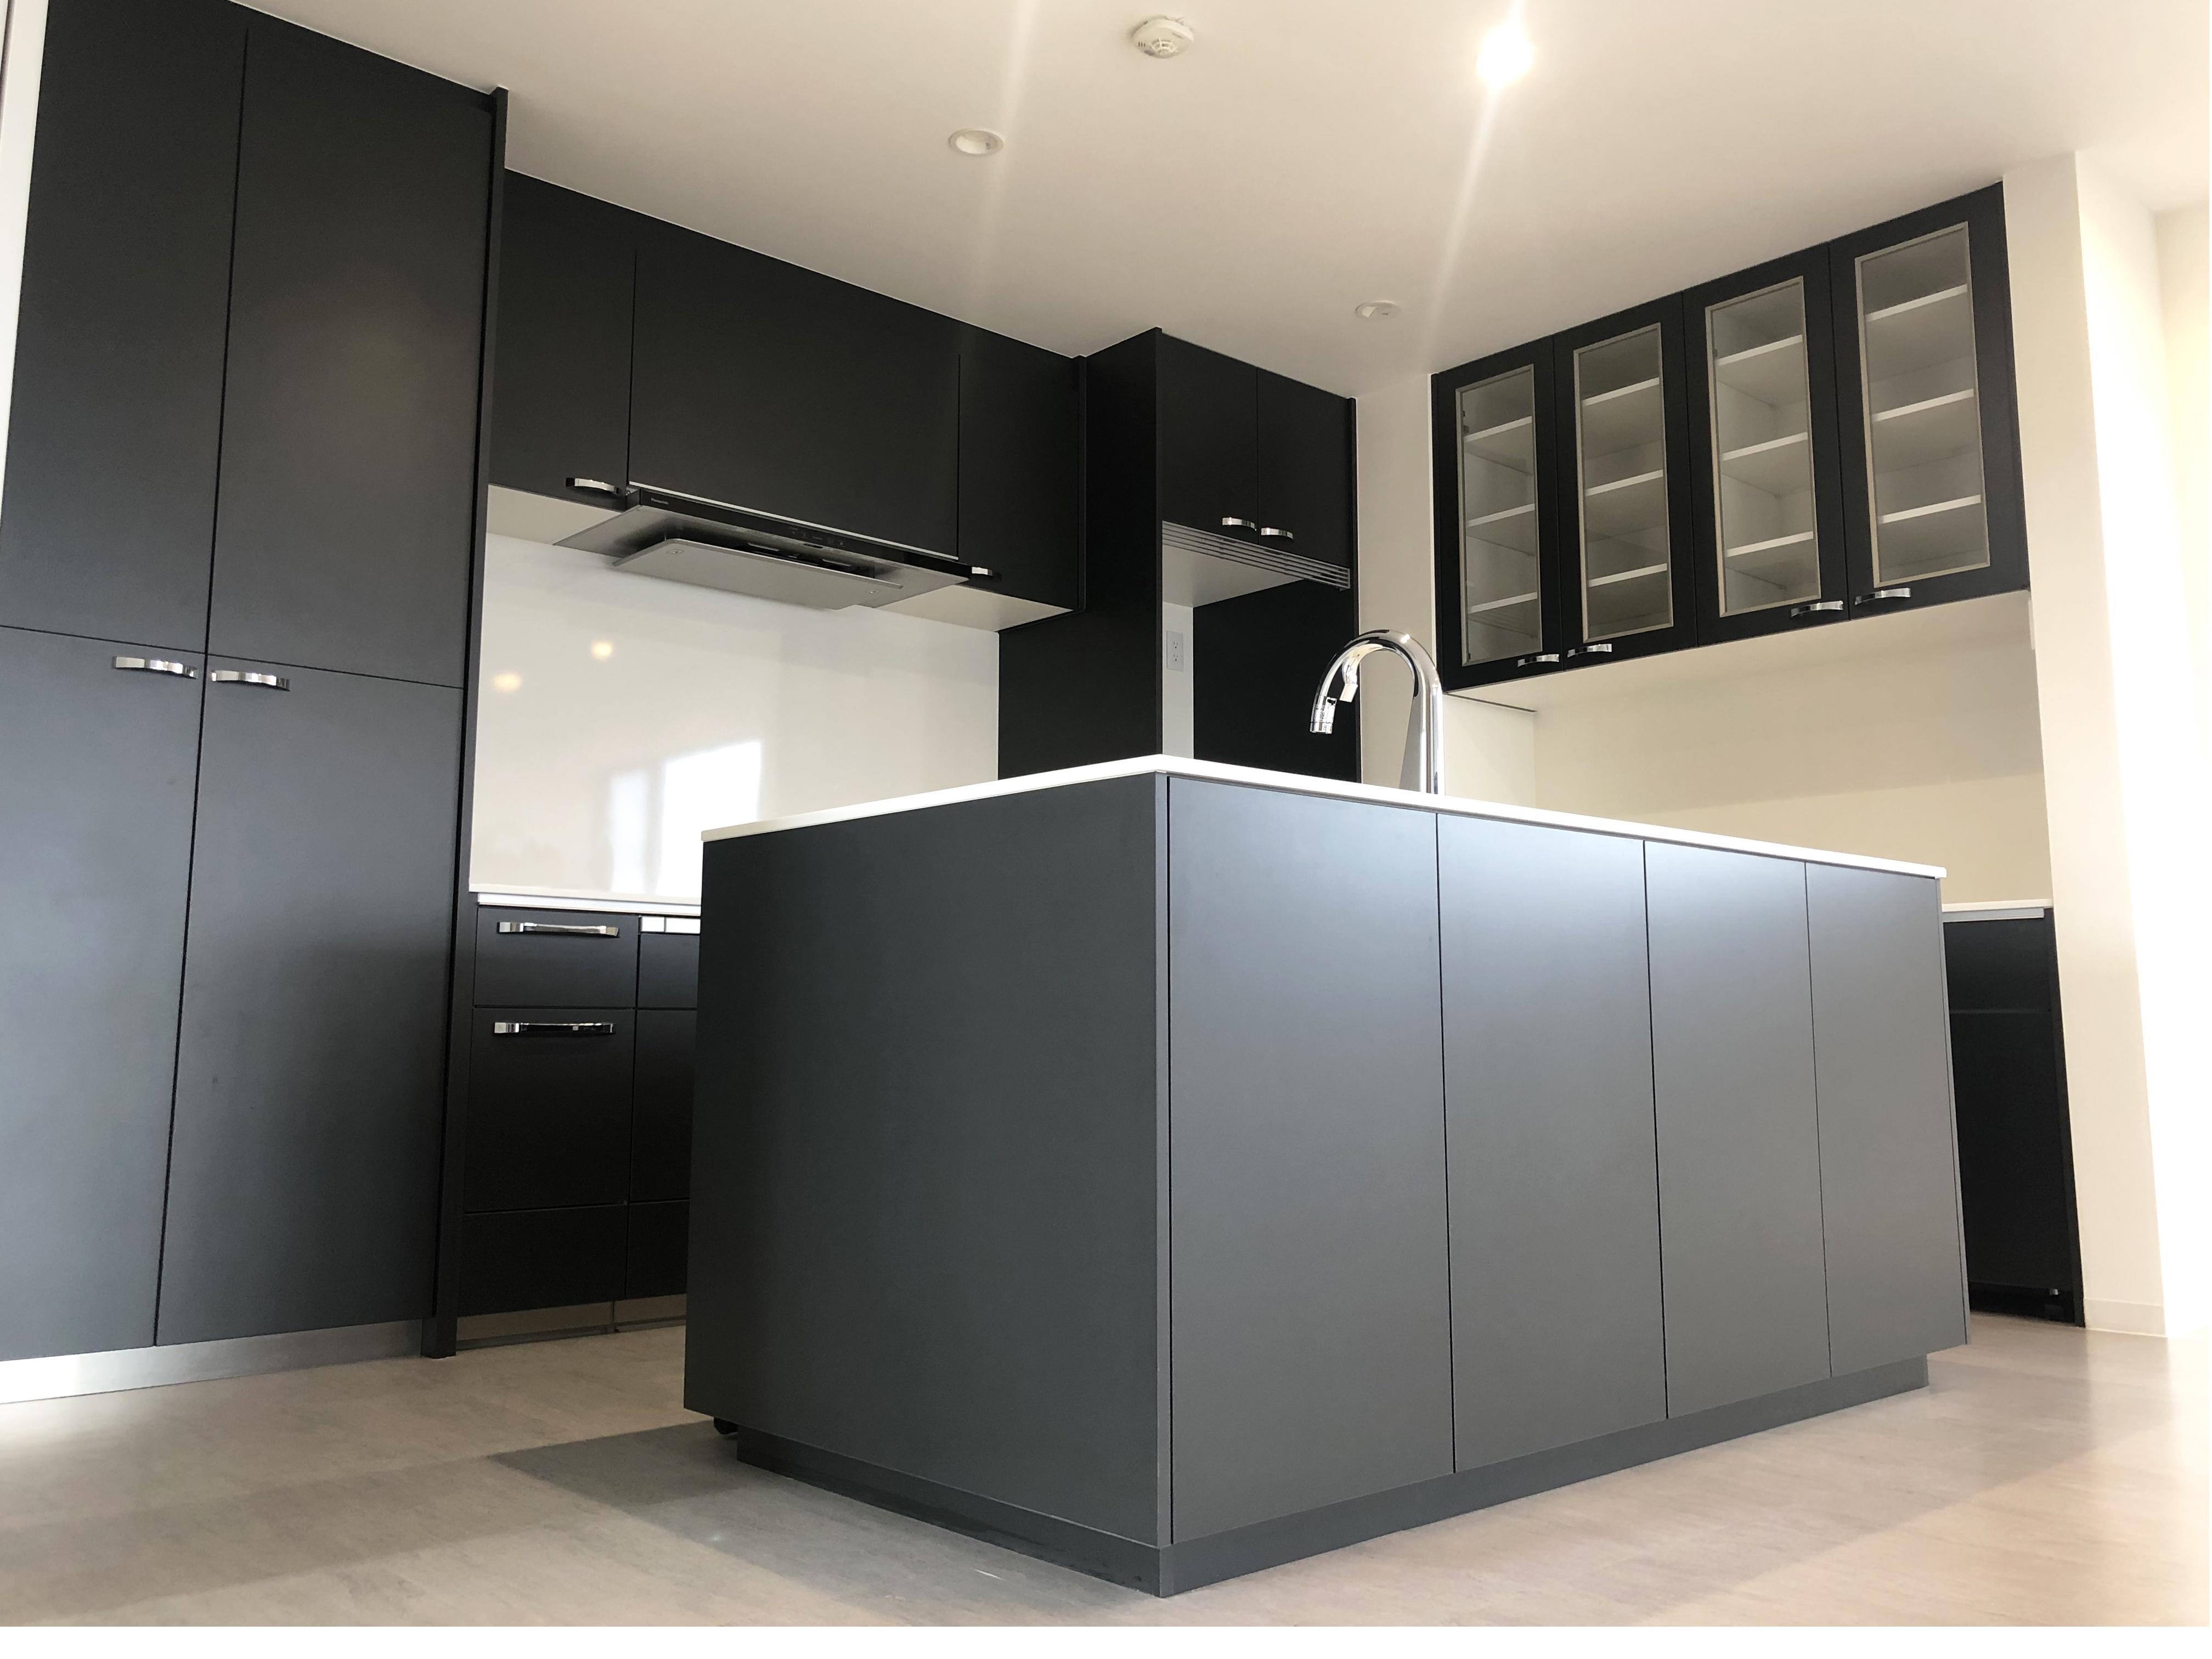 白と黒を基調としたキッチン